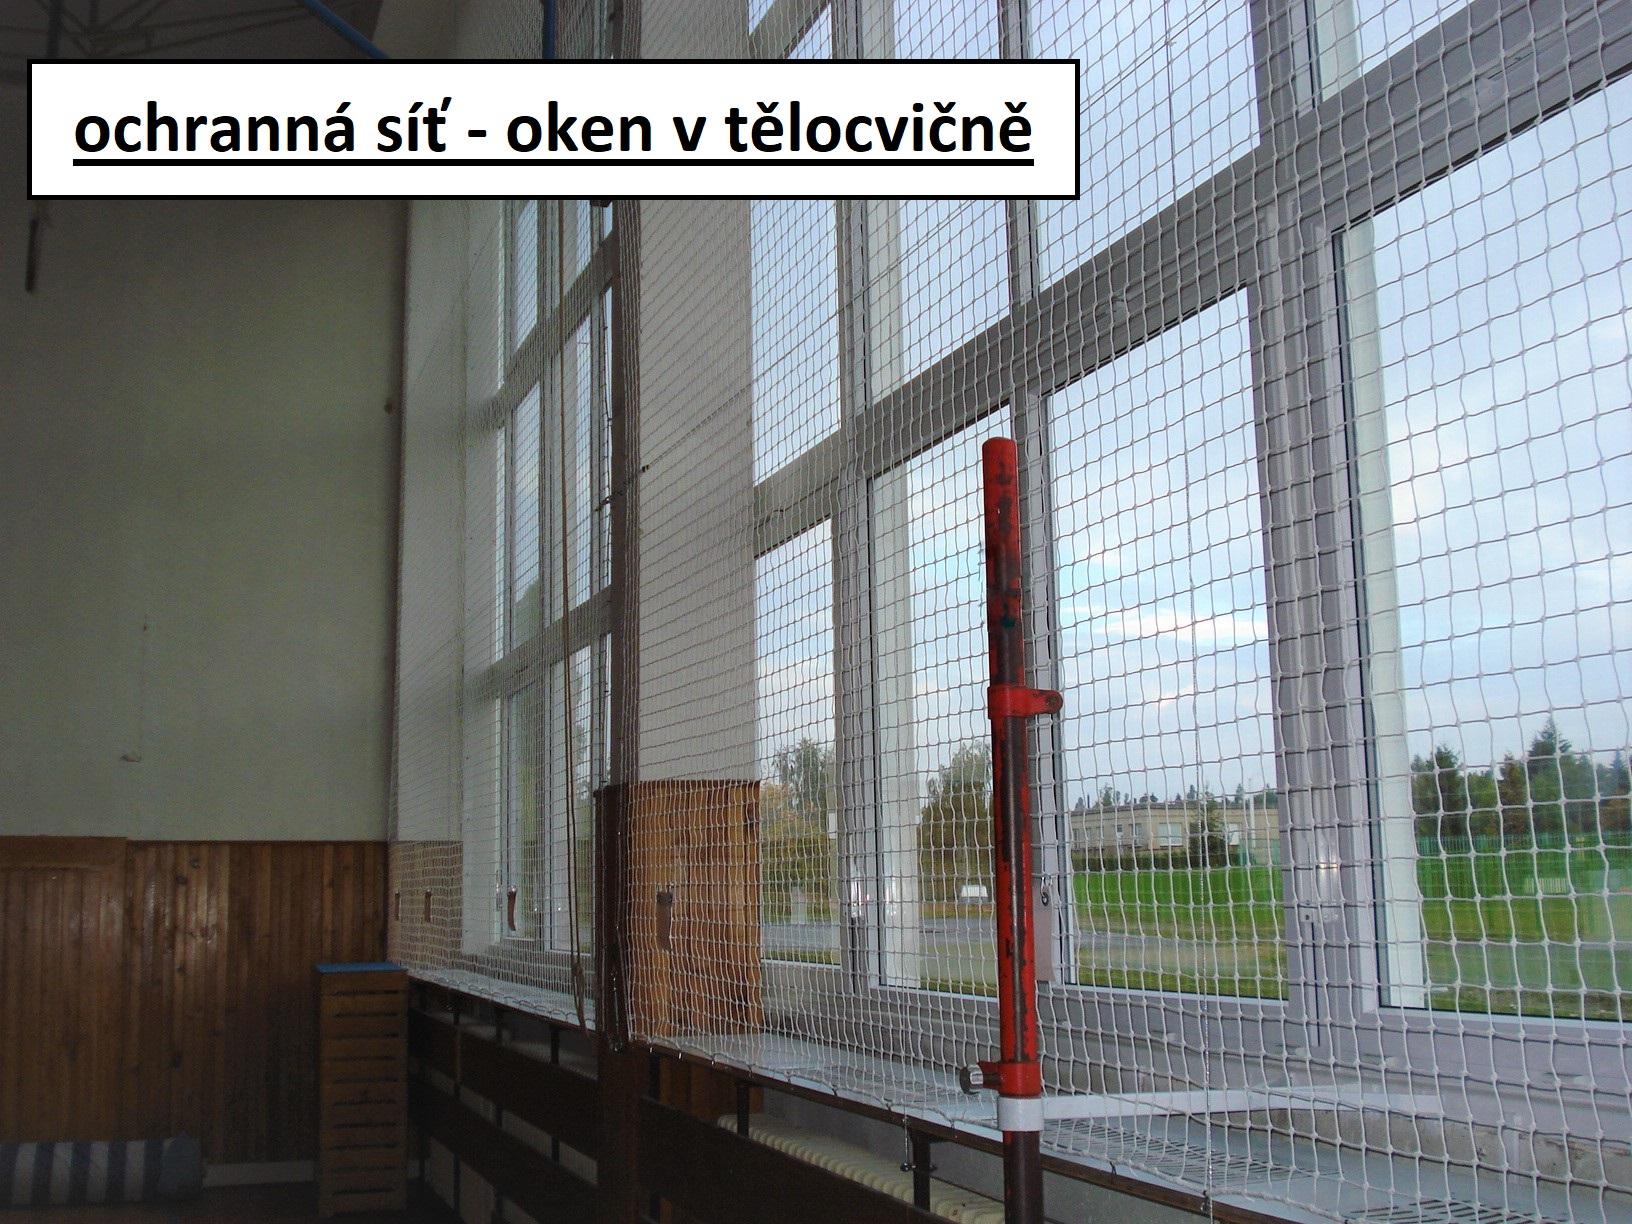 ochranná síť - okna v tělocvičně